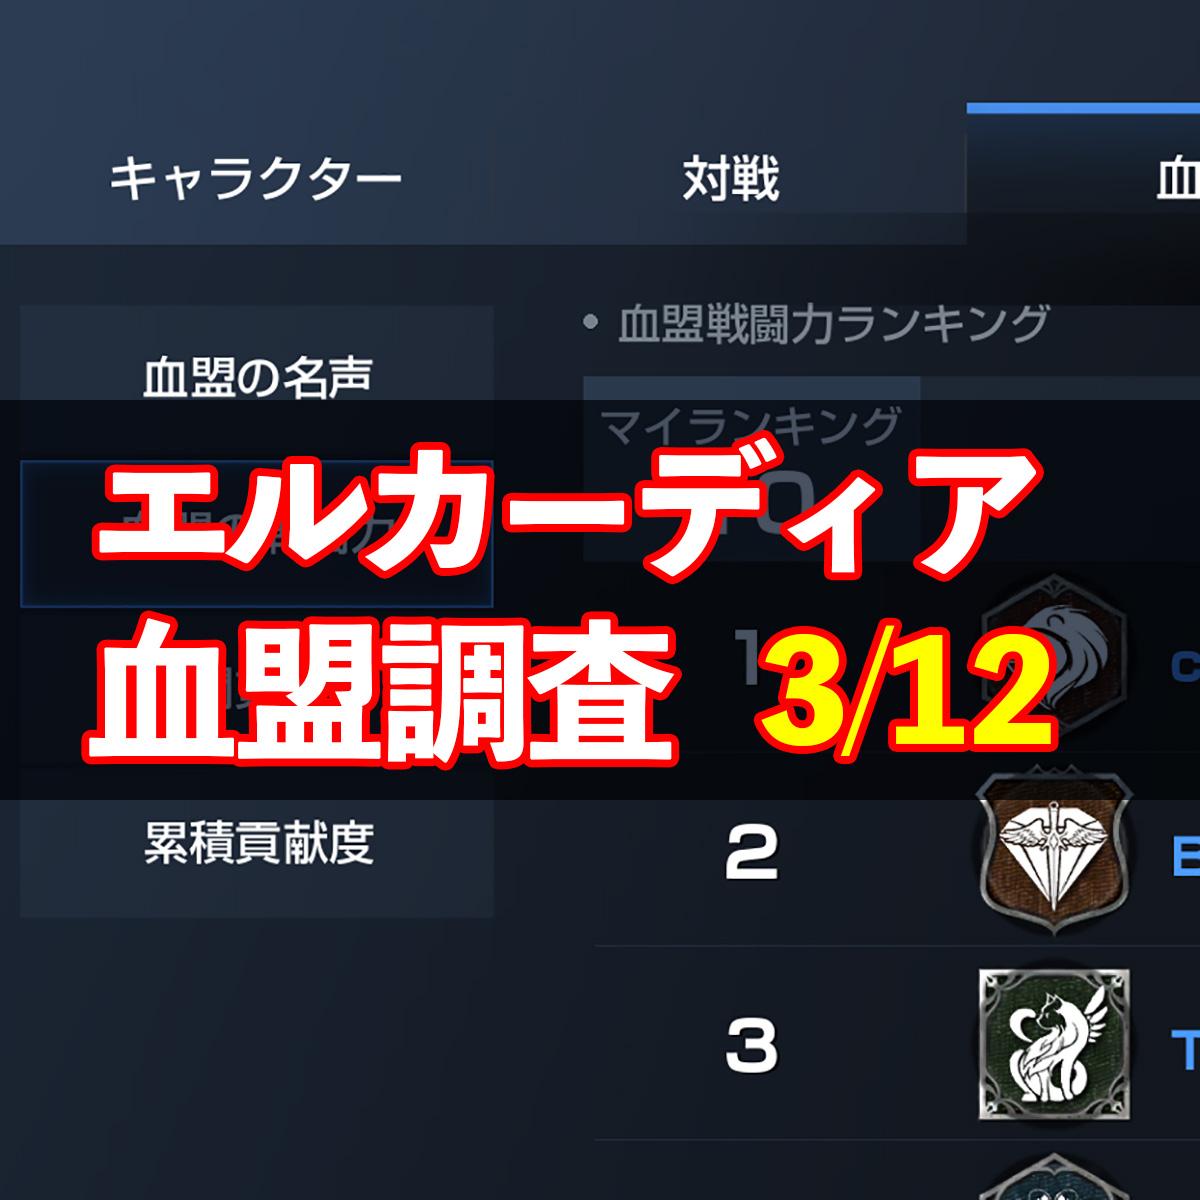 3/12エルカーディア情報|上位血盟の戦力を徹底分析!